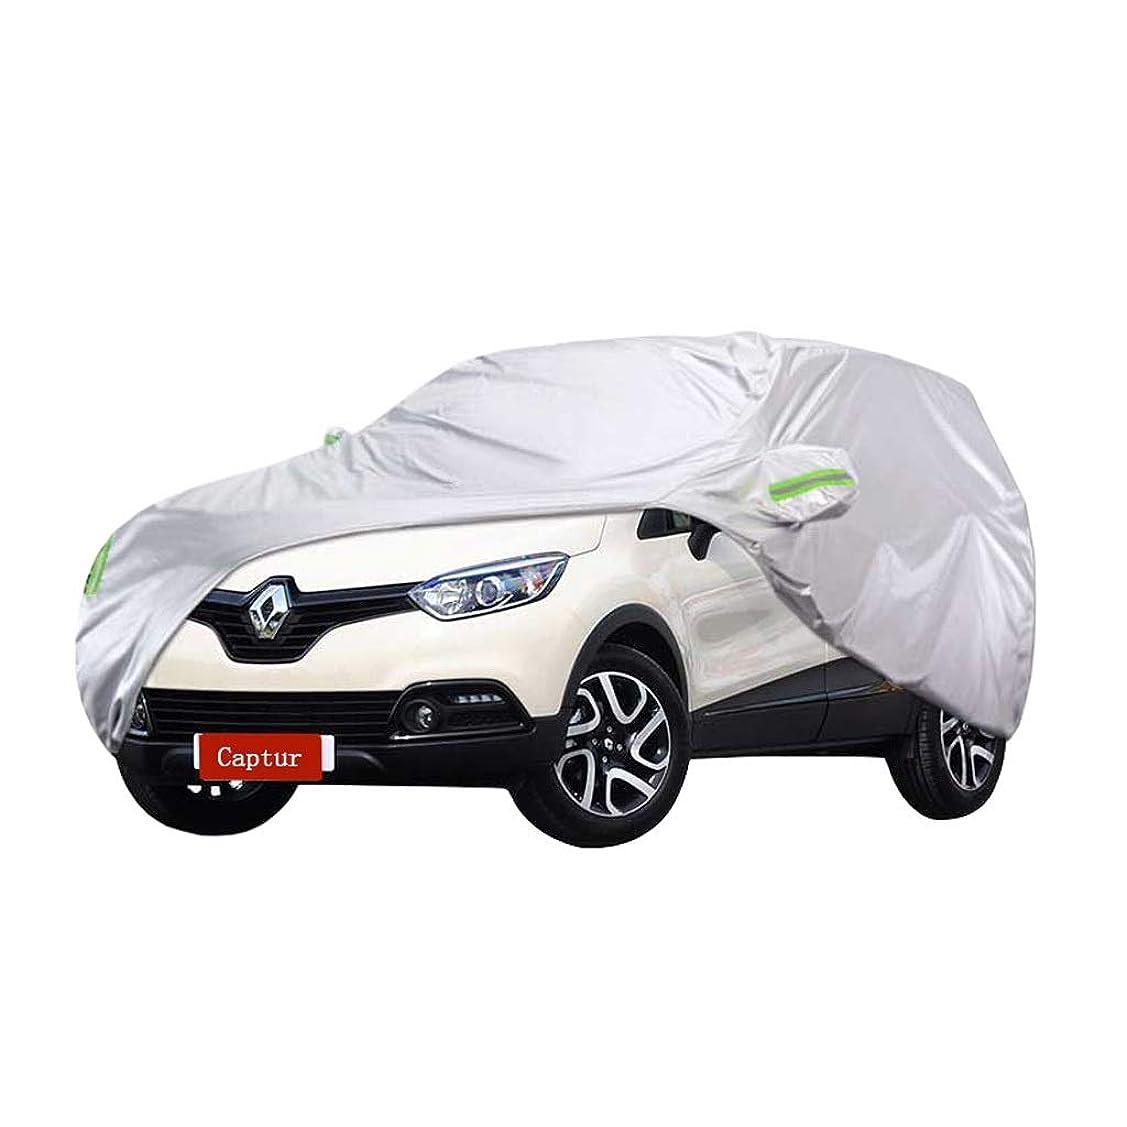 虚偽インポートスナッチ車のカバー ルノーキャプチャカーカバーSUV厚いオックスフォード布日焼け止め防雨暖かいカバーカーカバー (サイズ さいず : 2017)